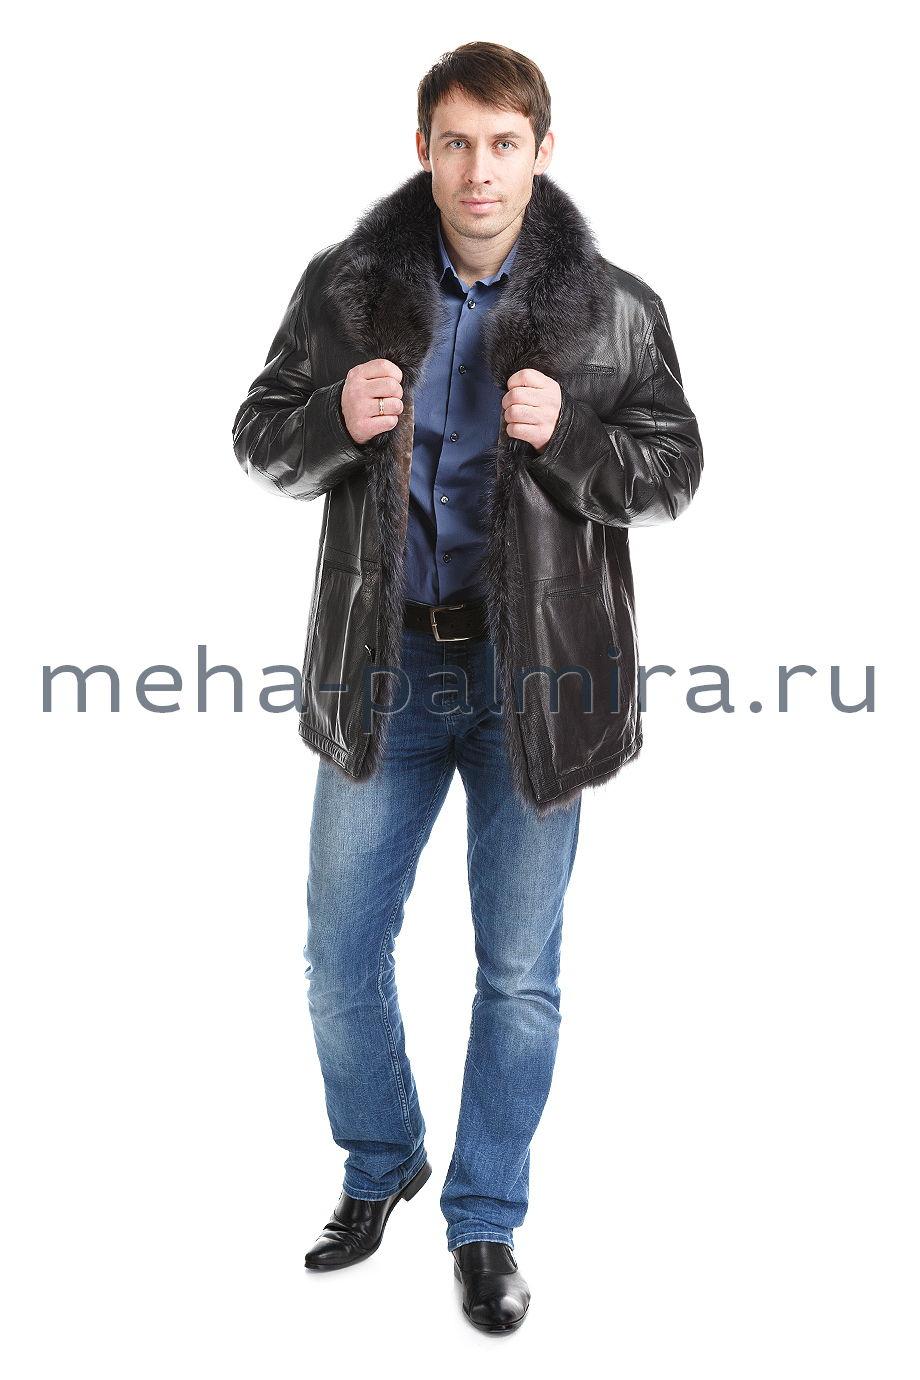 Мужская удлиненная дубленка с воротником из меха енота